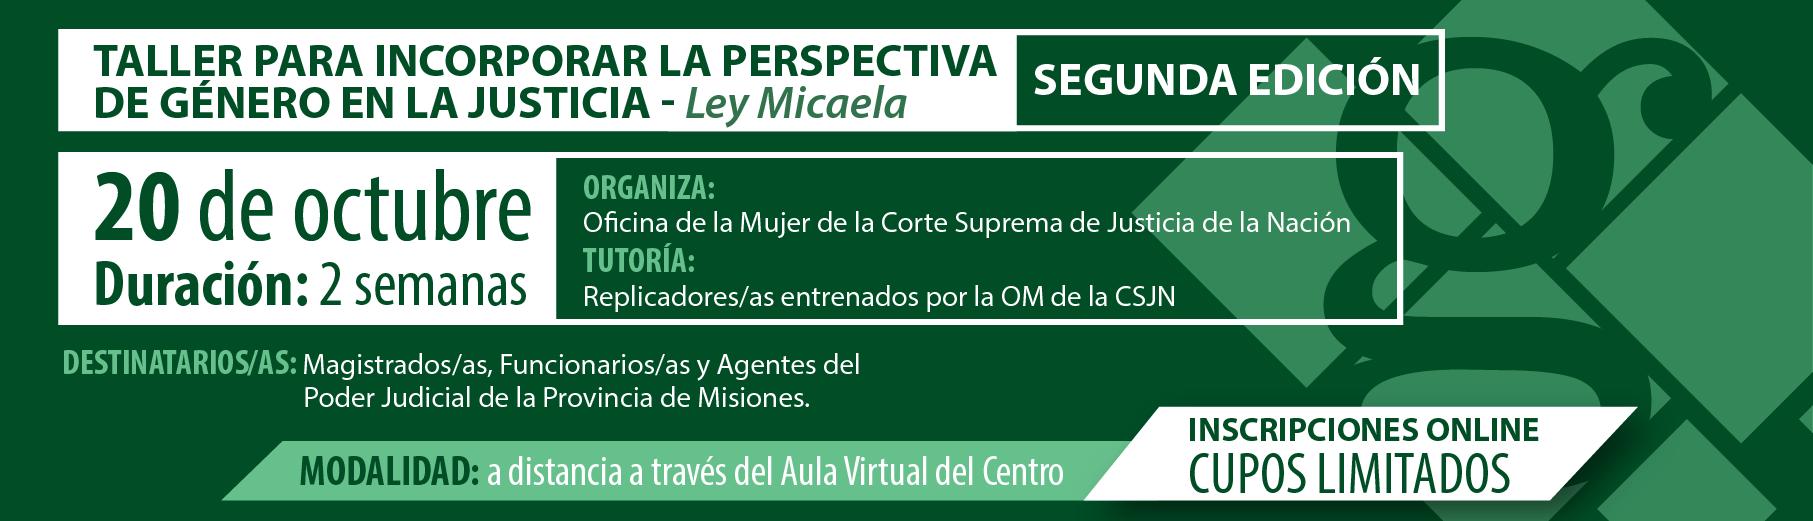 Taller para incorporar la perspectiva de género en la Justicia- Ley Micaela - SEGUNDA EDICIÓN